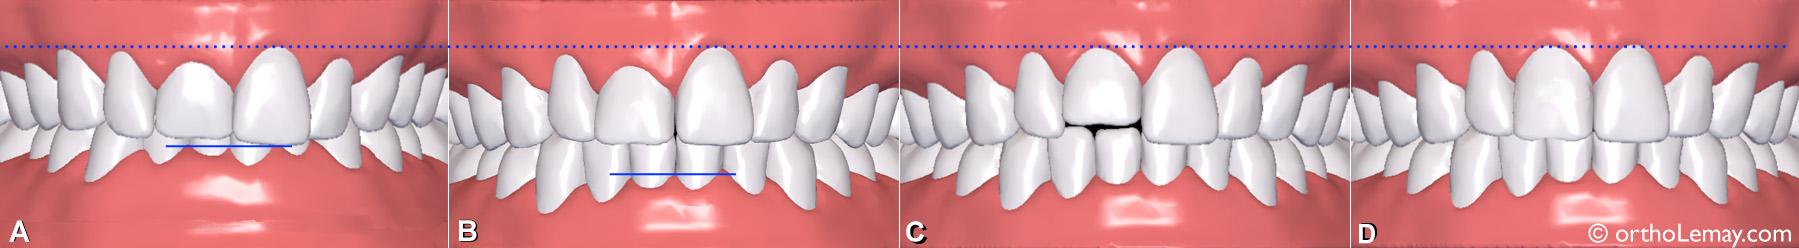 Simulation ClearCorrect pour évaluer différents mouvements dentaires à l'aide d'aligneurs transparents